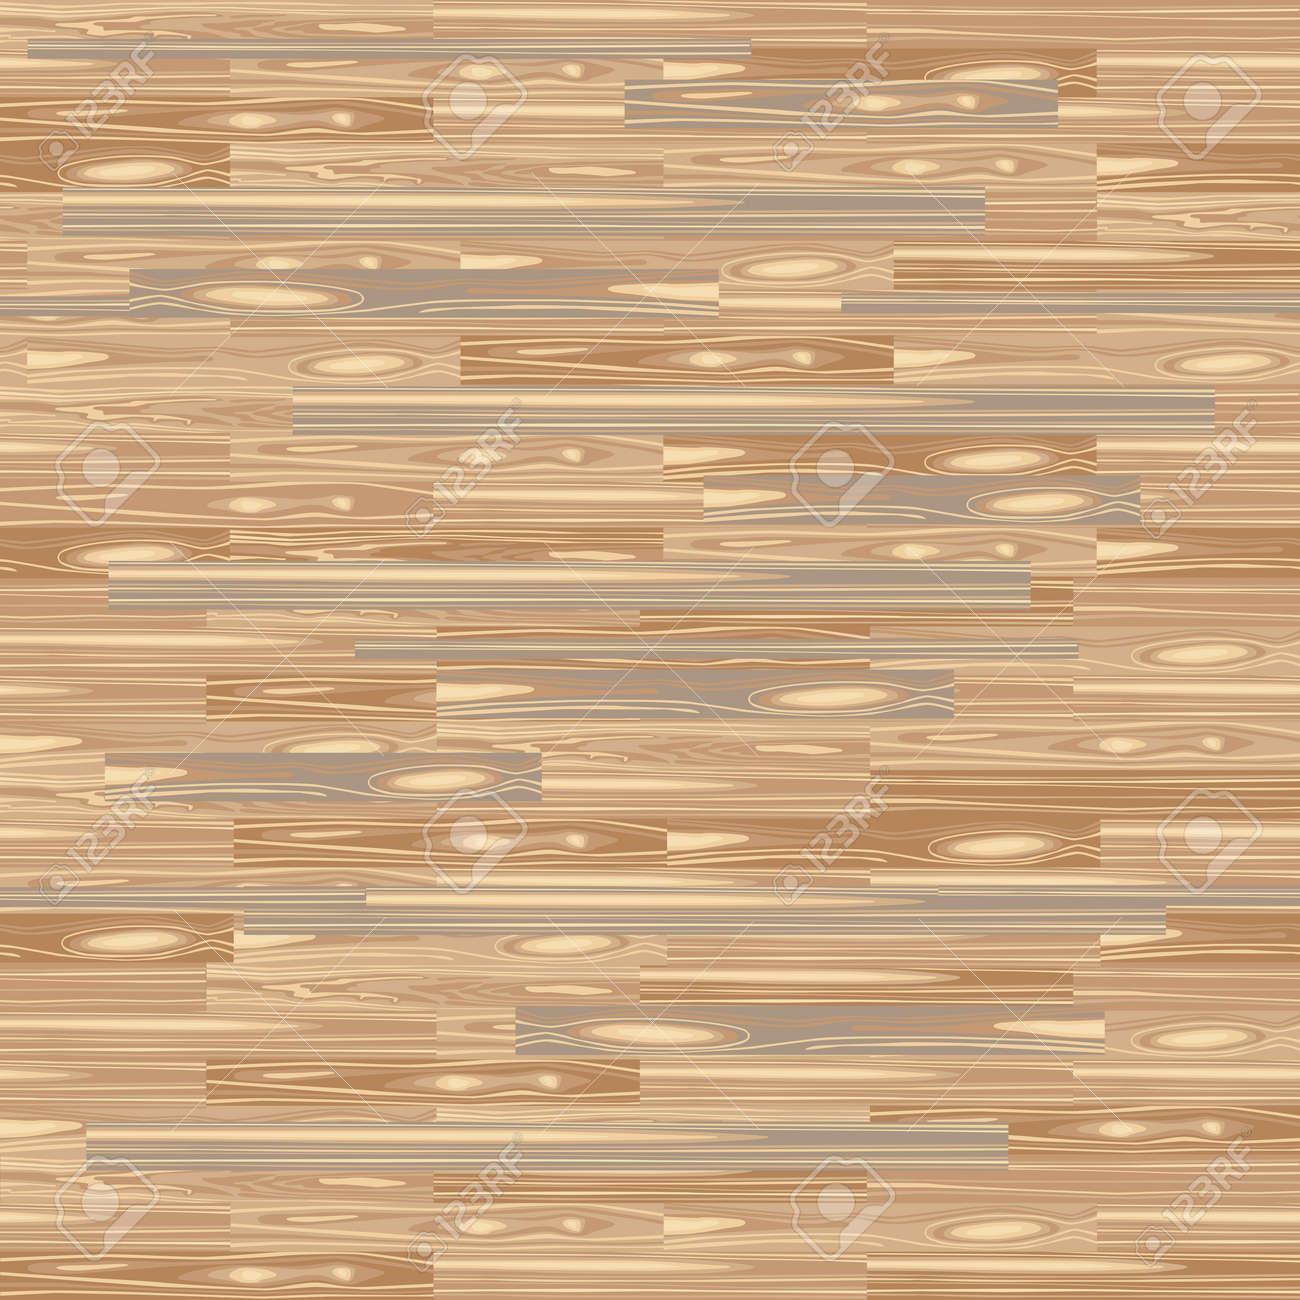 Laminat textur  Nahtlose Parkettboden. Parkett Textur. Boden Hintergrund. Vector ...